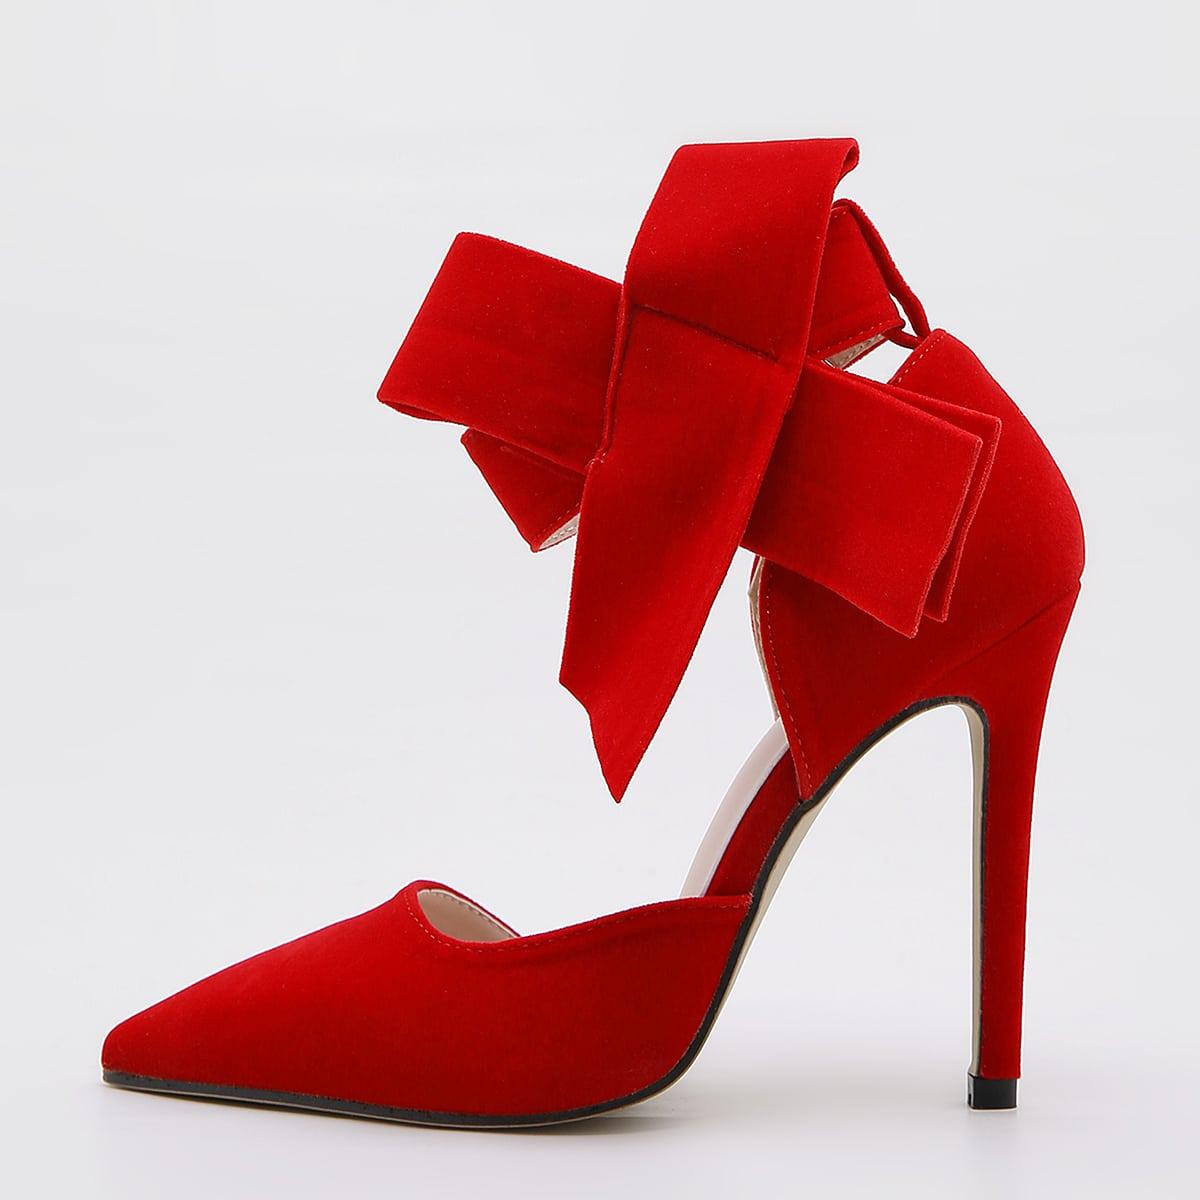 Остроконечные туфли на шпильках с бантом